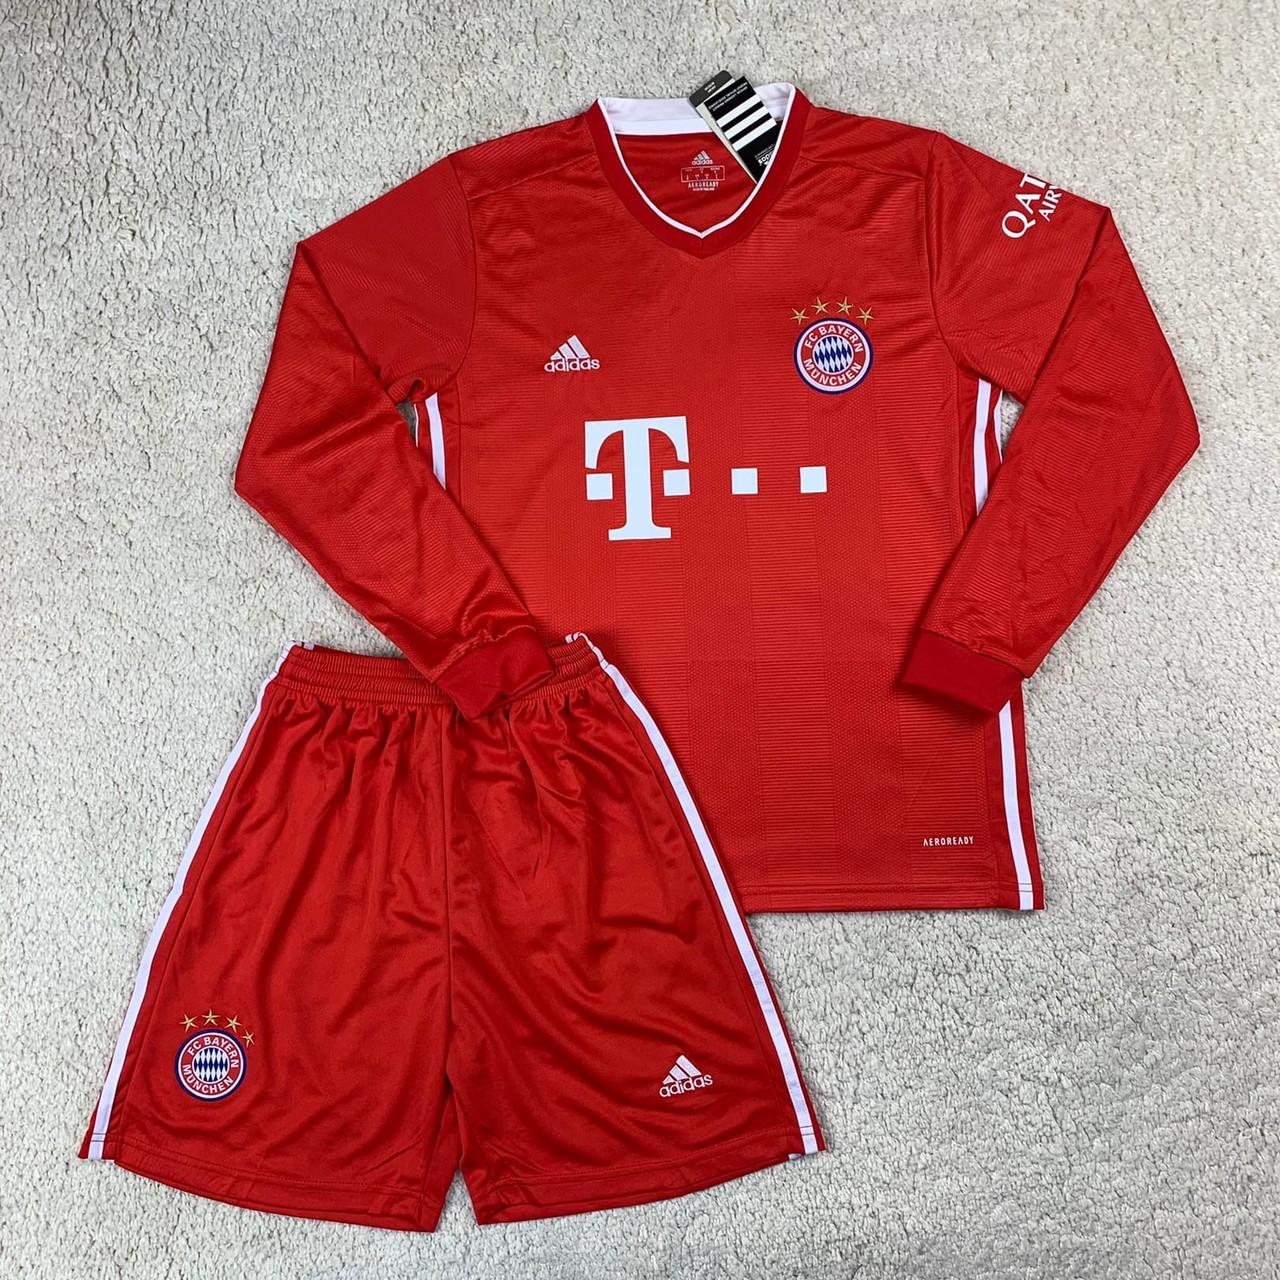 Футбольна форма з довгим рукавом Баварія/Bayern ( Німеччина, Бундесліга ), домашня, сезон 2020-2021